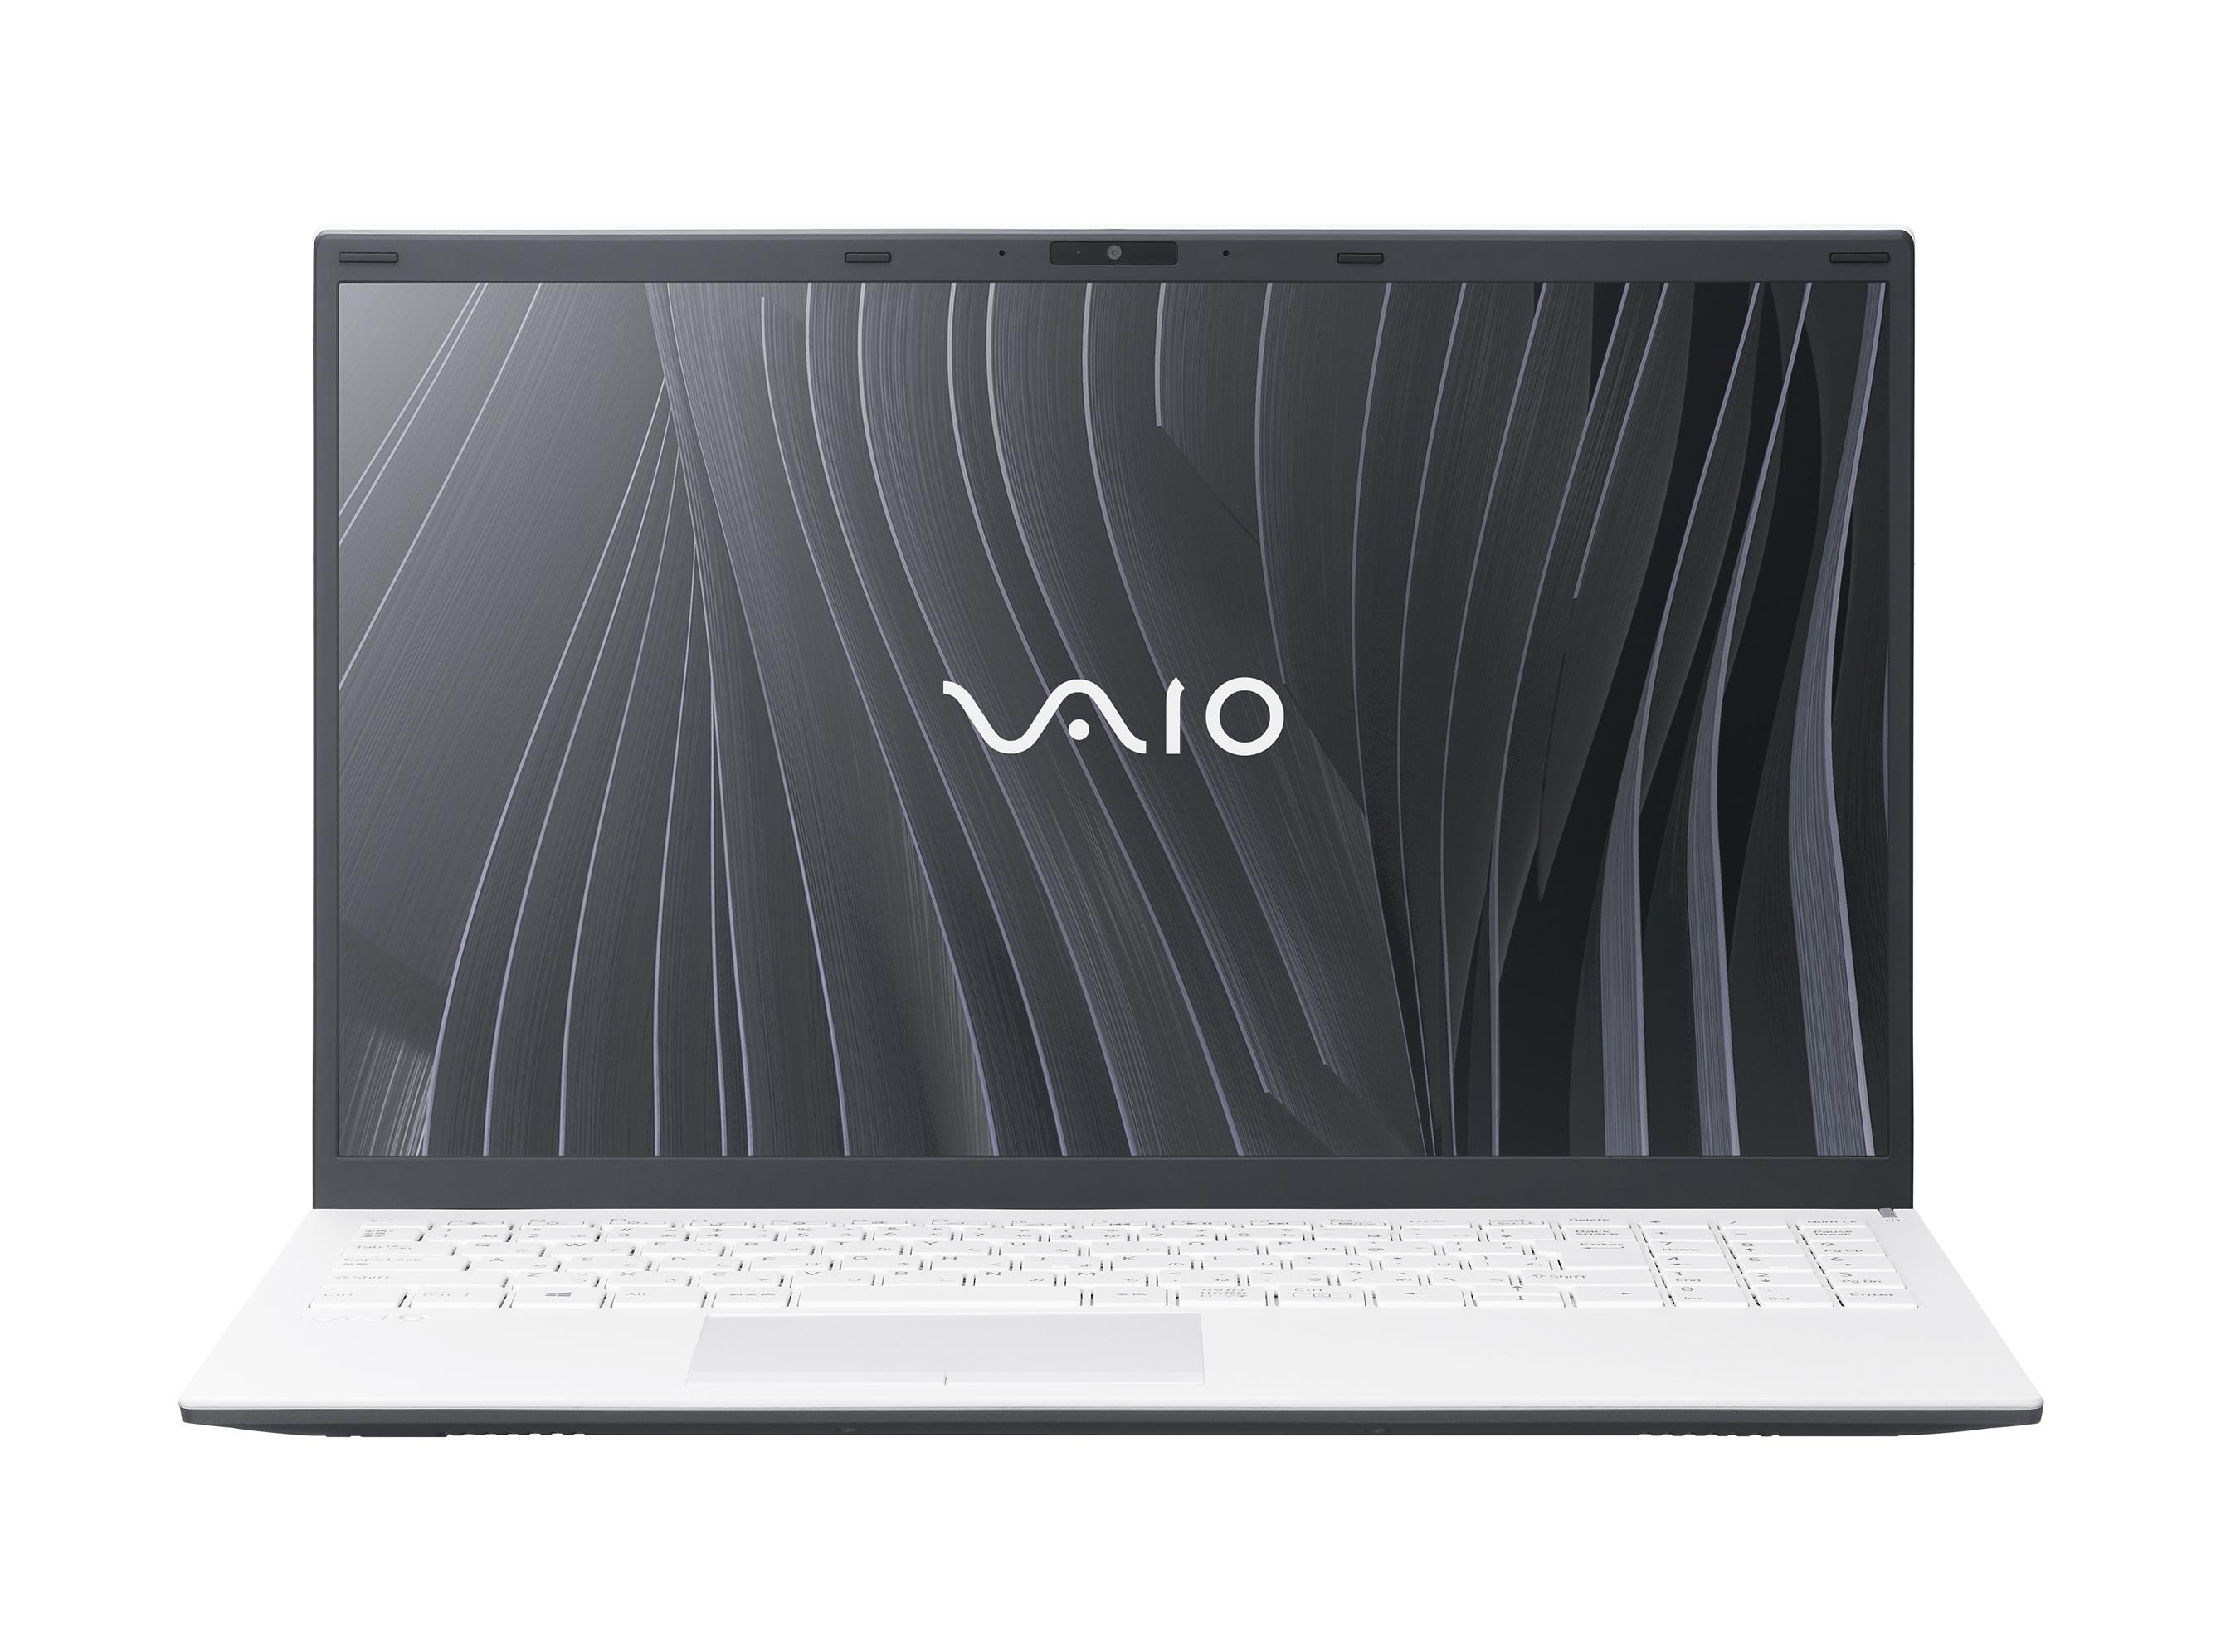 VAIO FL15